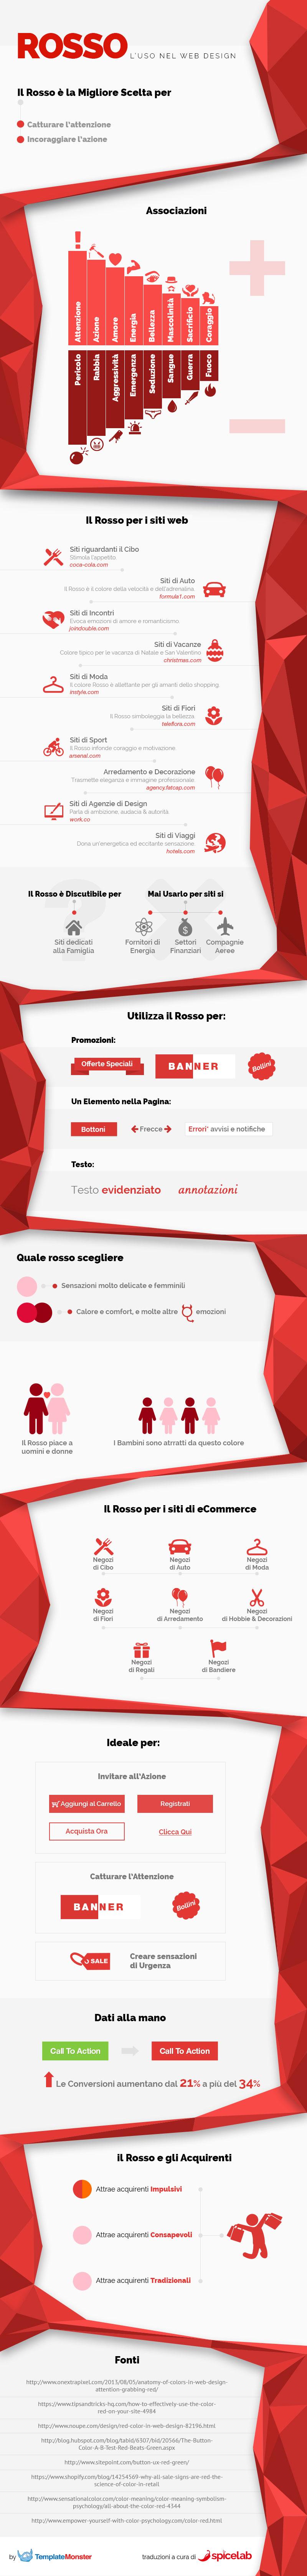 utilizzo del colore rosso nel web